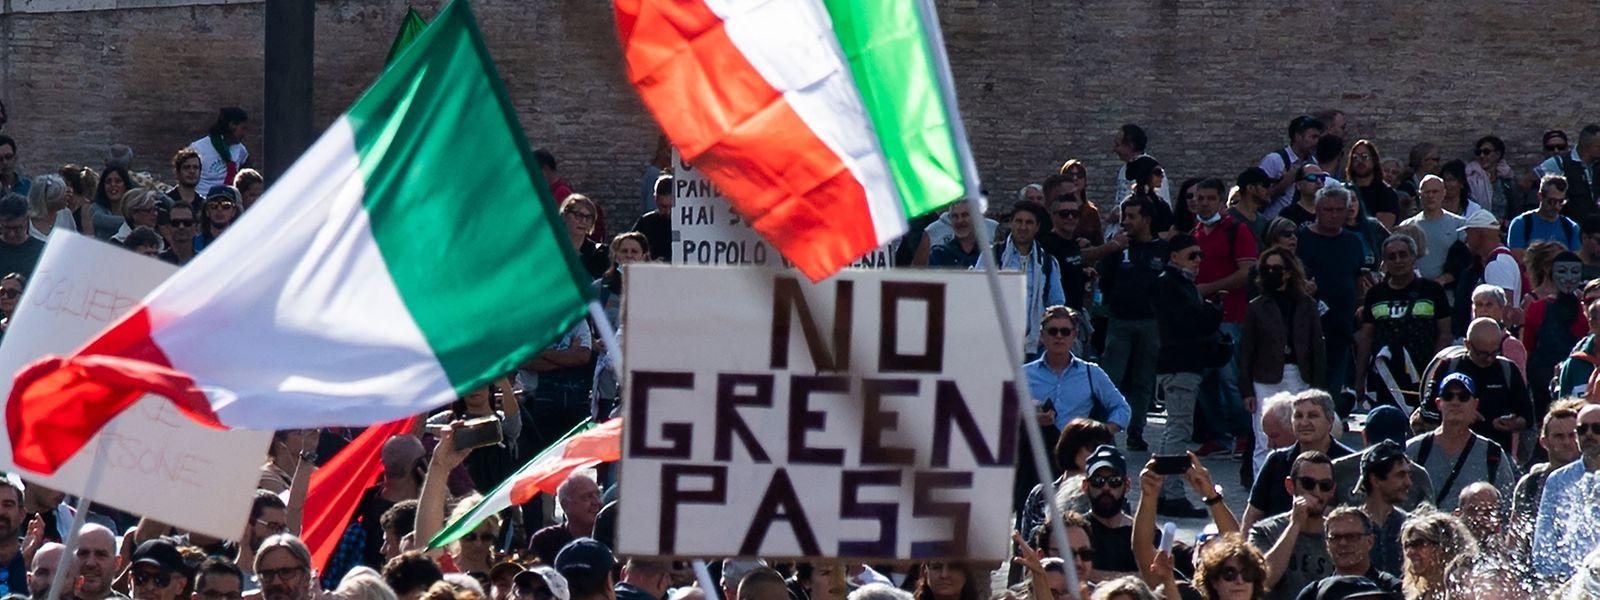 Protestkundgebung in Rom gegen die Impfpflicht durch die Hintertür.